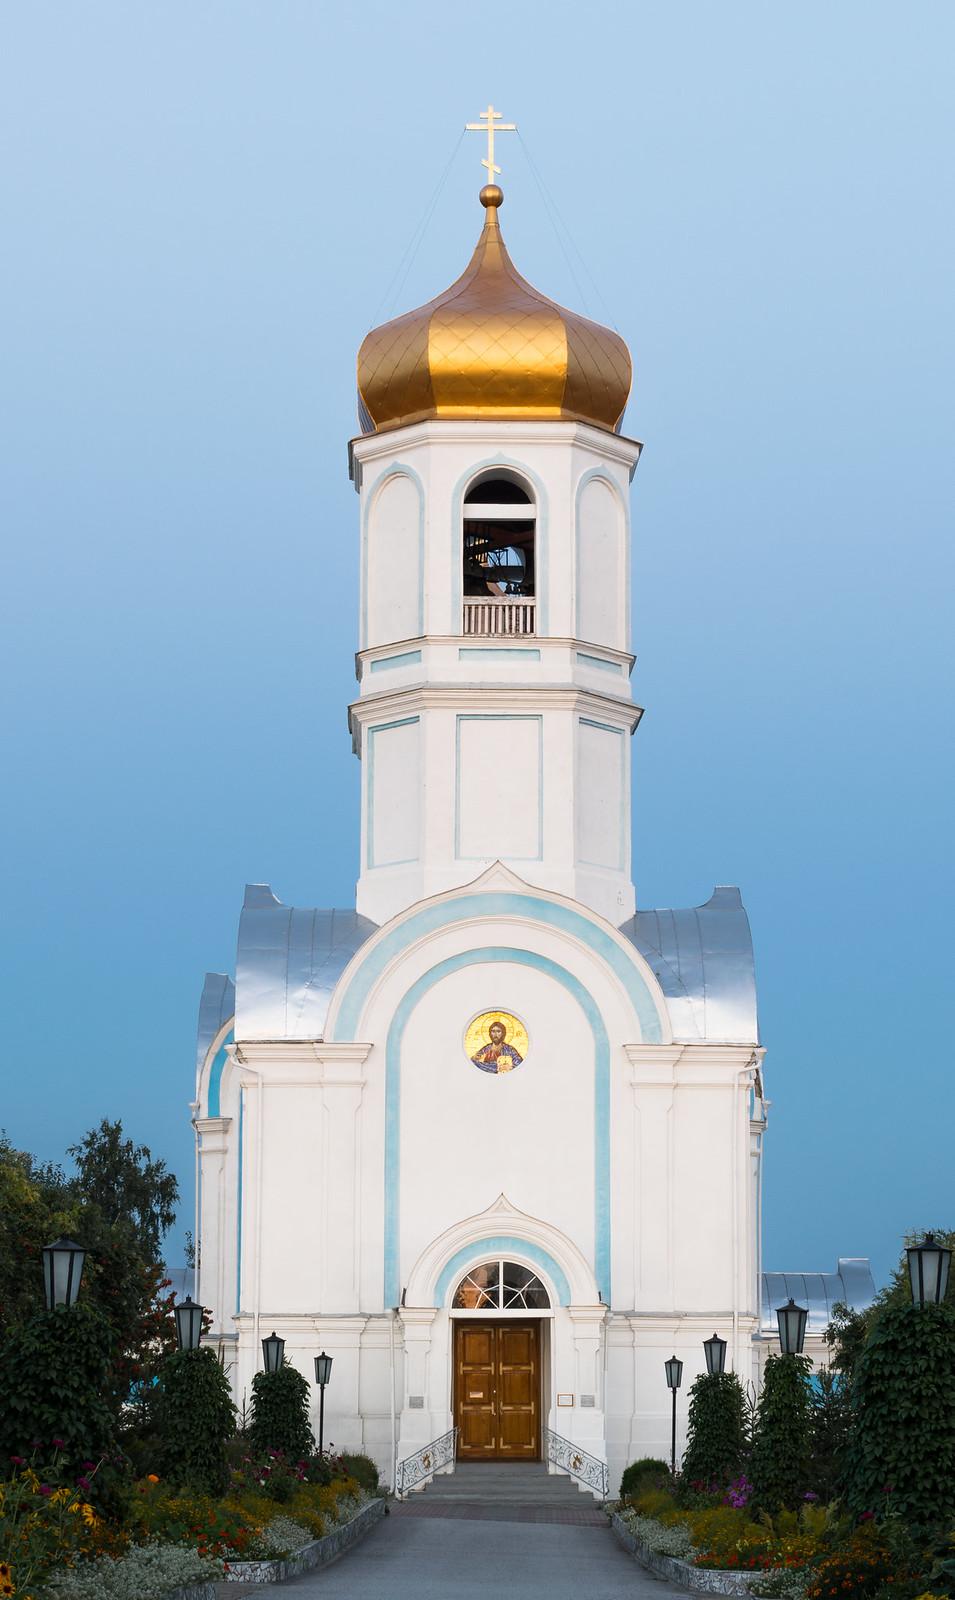 Церковь на территории Покровского Александро-Невского женского монастыря в 2017 году, рп. Колывань, ул. Калинина 22